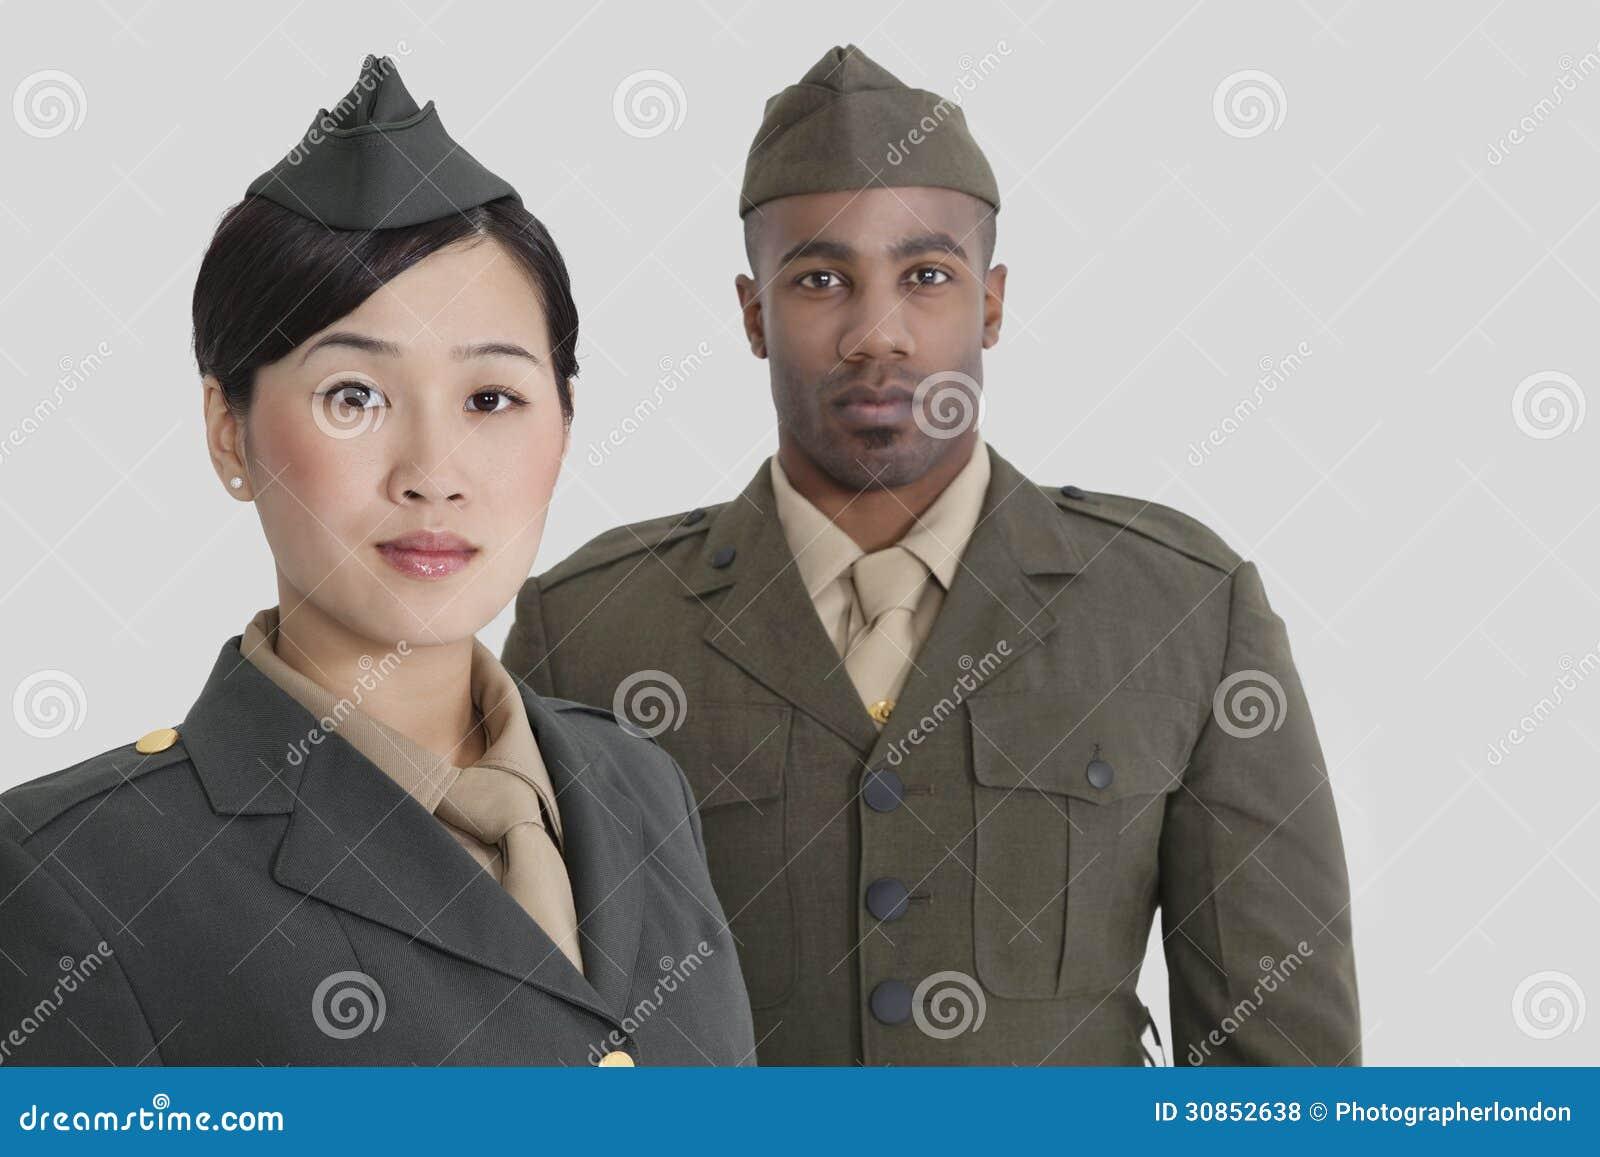 Portret van de jonge militaire ambtenaren van de V.S. in eenvormig over grijze achtergrond